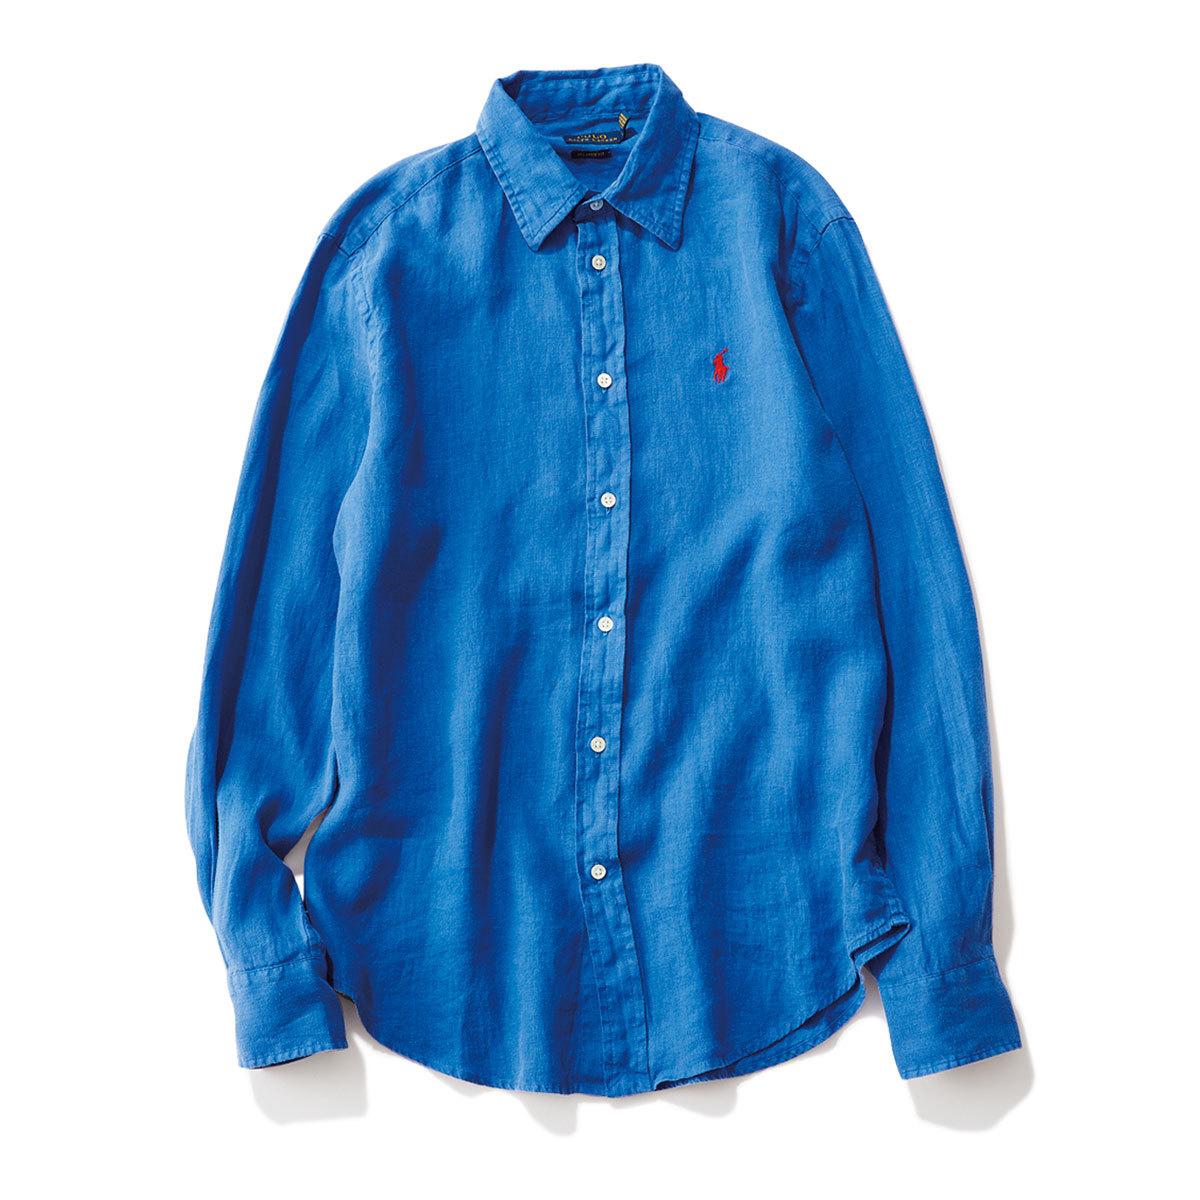 40代ファッション2019年夏のお買い物_RALPH LAURENのリネンシャツ